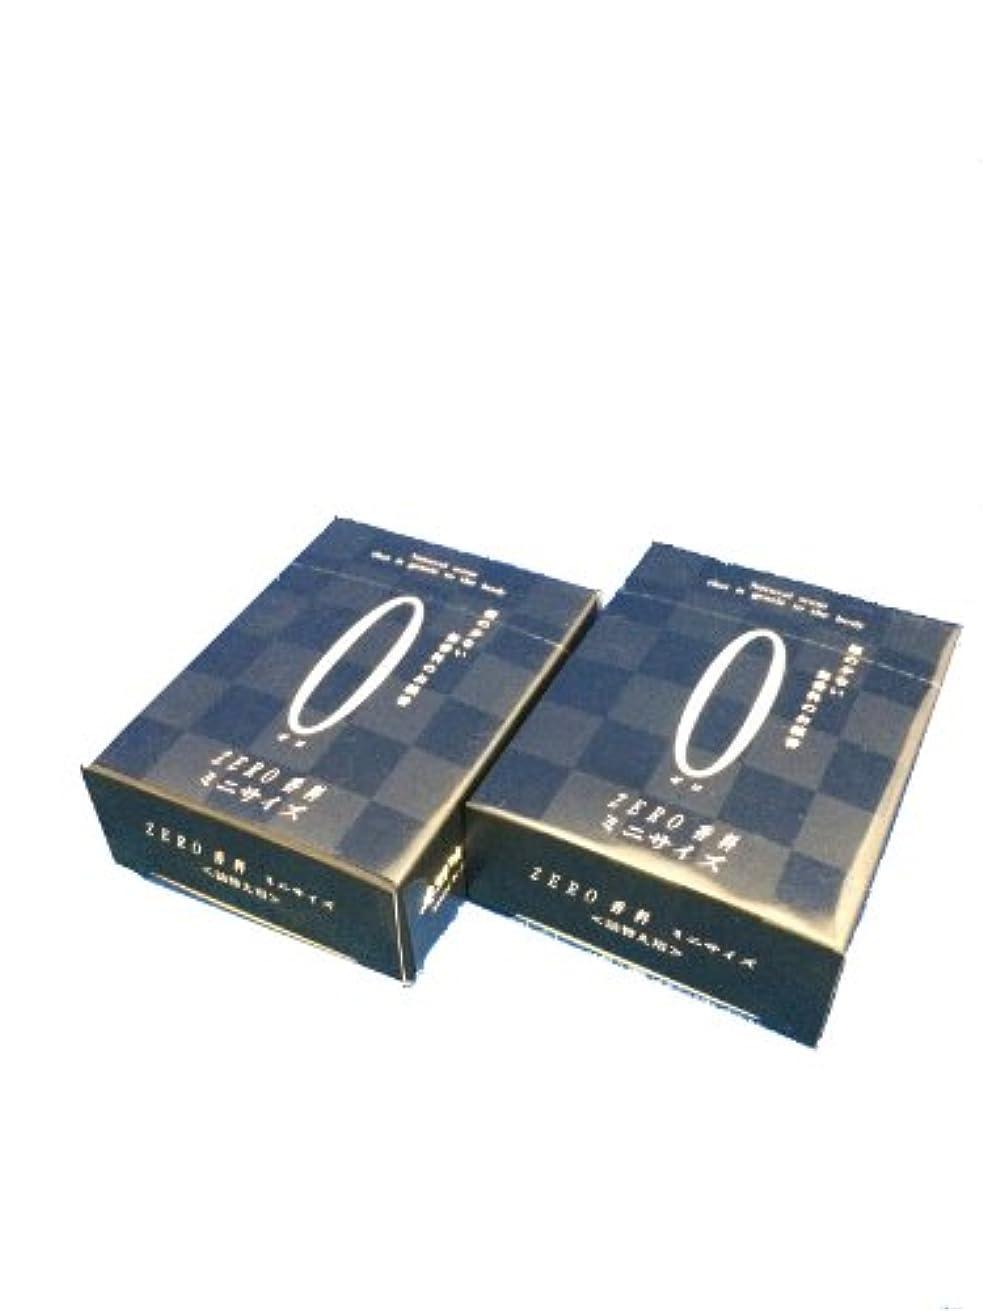 楽観解釈的タイピストZERO ゼロ香料 詰め替え用 2個セット ミニ寸 サイズ 約60g